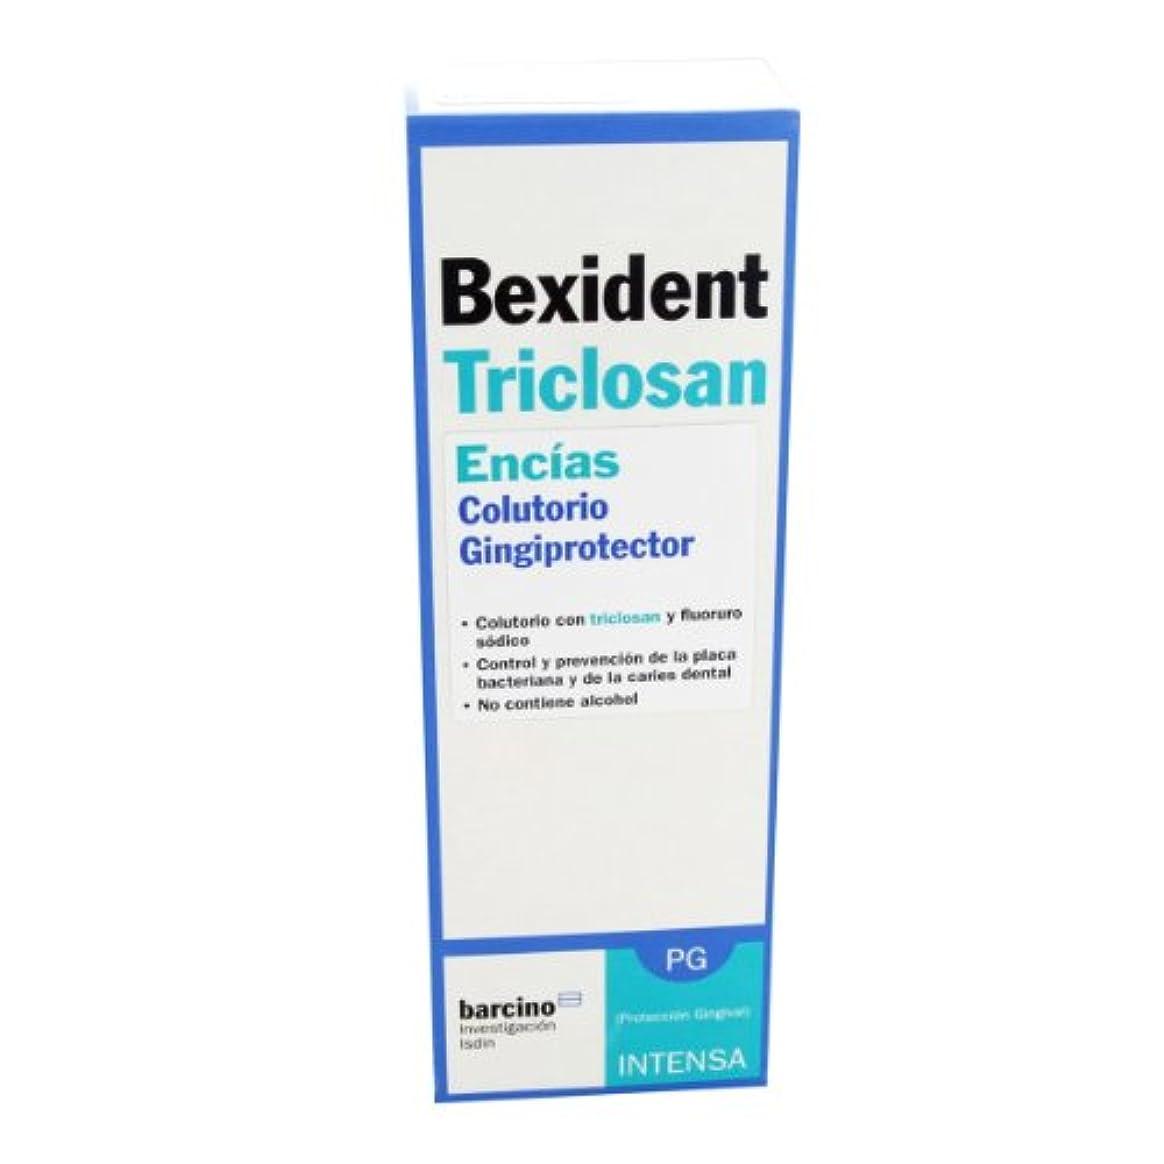 くすぐったい規範解釈するBexident Gum Maintenance Triclosan Mouthwash 500ml [並行輸入品]